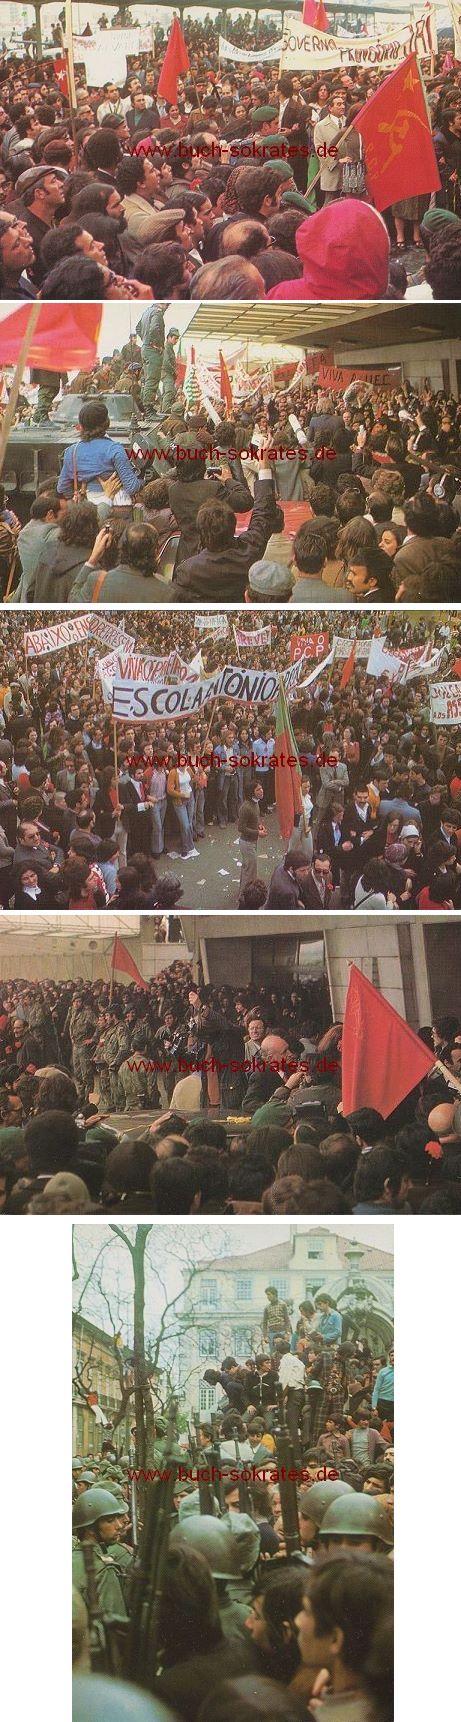 Postkarte 5 Fotos: Portugal libertado / Befreites Portugal - Nelkenrevolutio / Revolucao dos Cravos